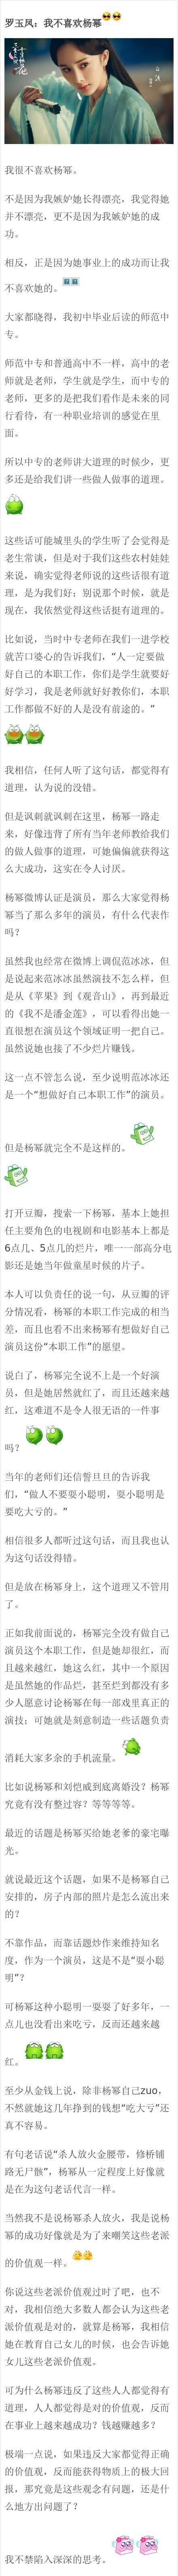 凤姐斥杨幂走红靠炒作:扮演的角色差评居多